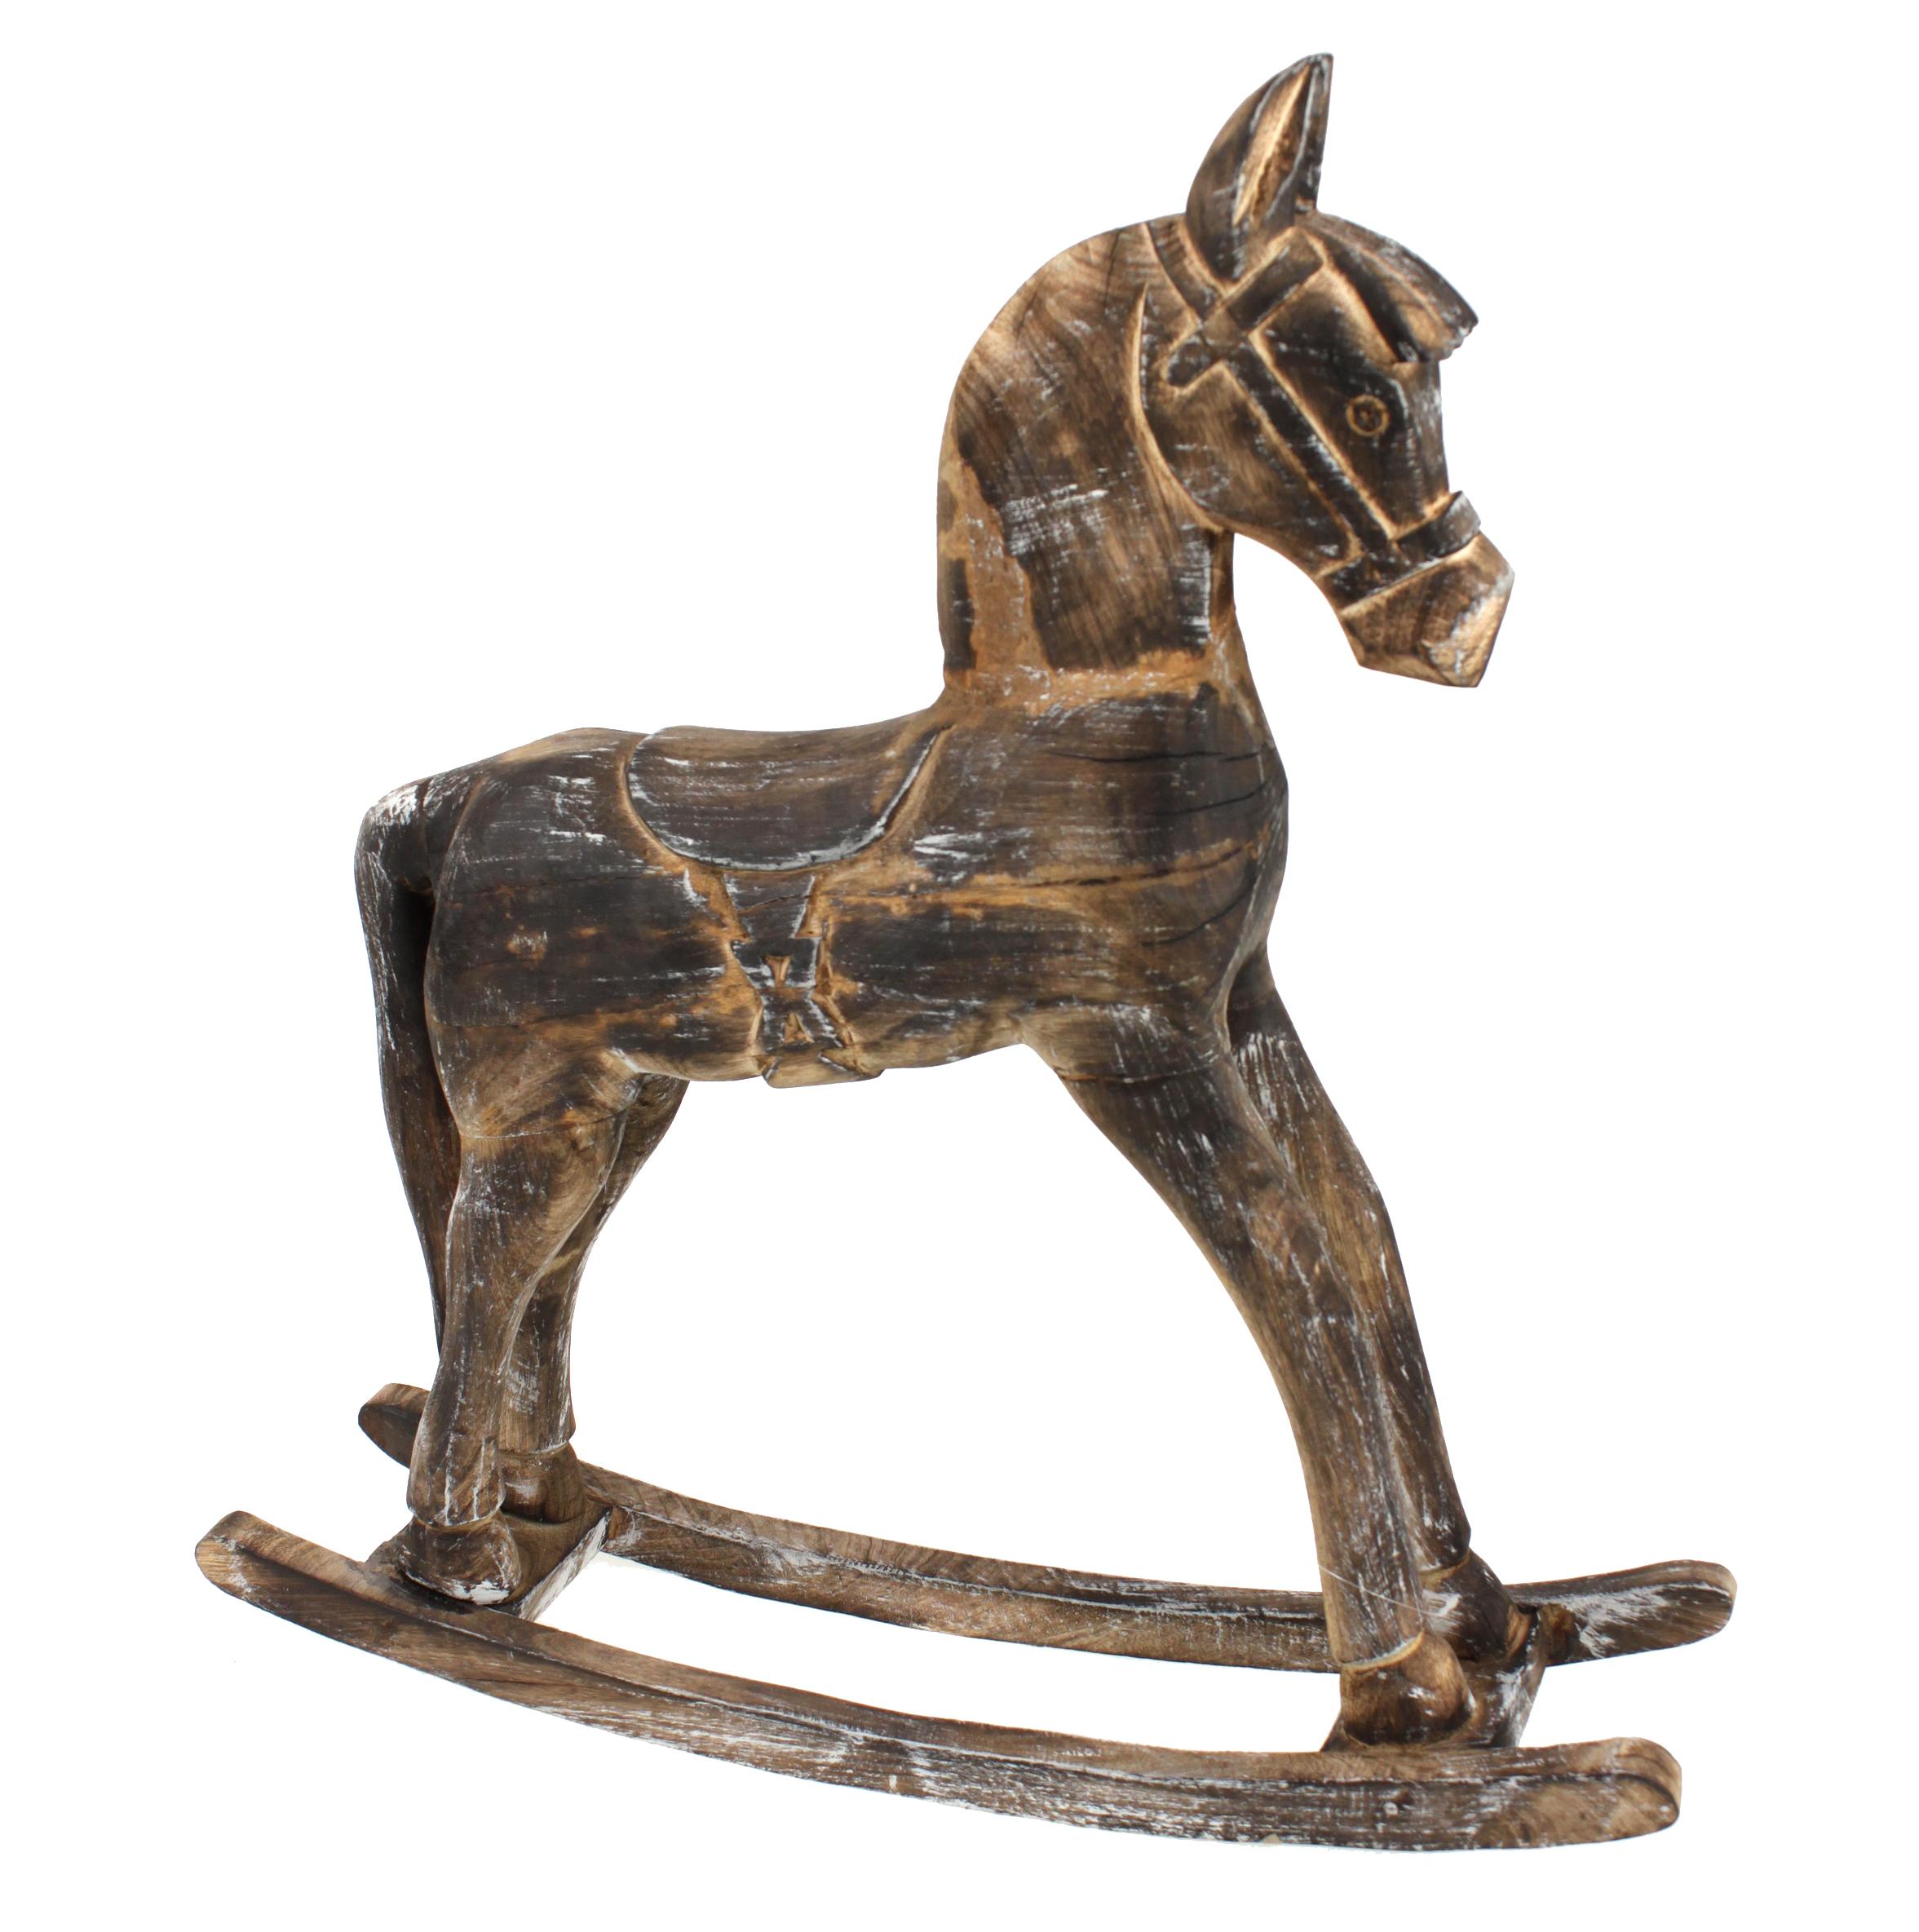 Full Size of Xl Deko Pferd Schaukelpferd Aus Holz Braun Look 59cm Kinderzimmer Regal Regale Sofa Weiß Kinderzimmer Kinderzimmer Pferd